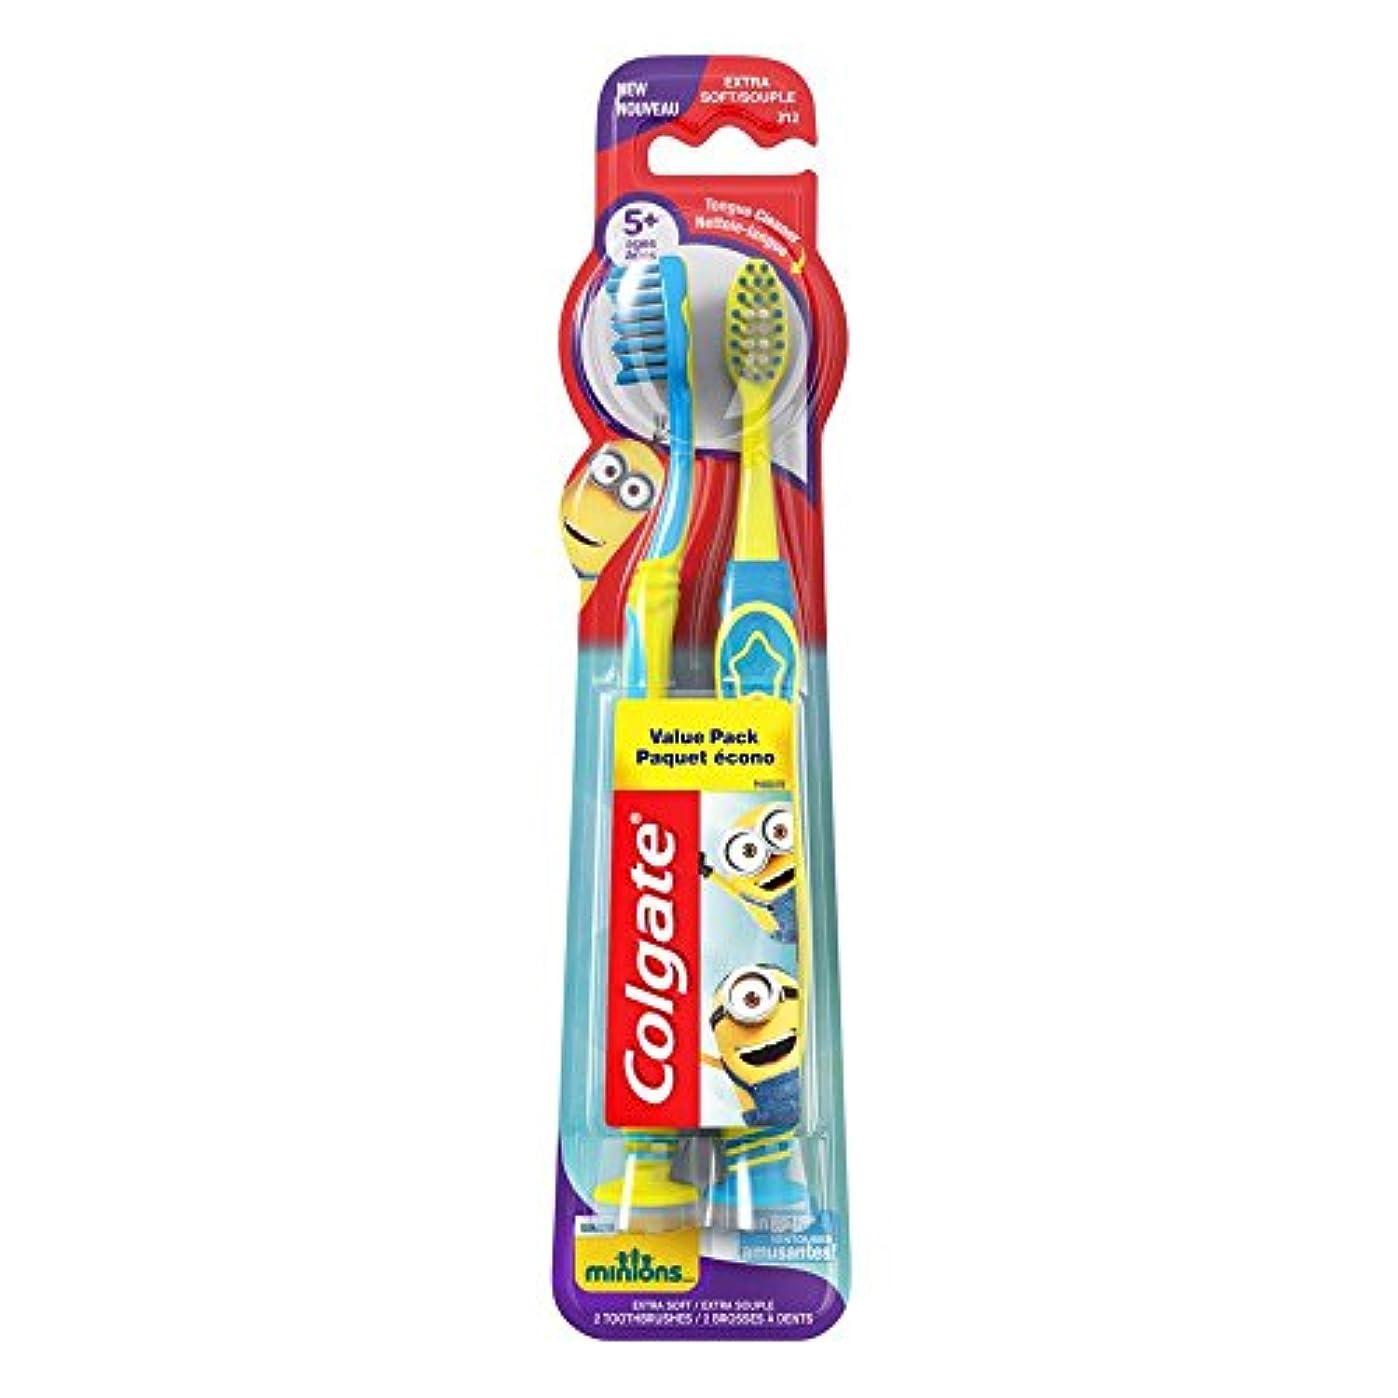 酸化物通信網家禽Colgate キッズ手下歯ブラシ、2カウント